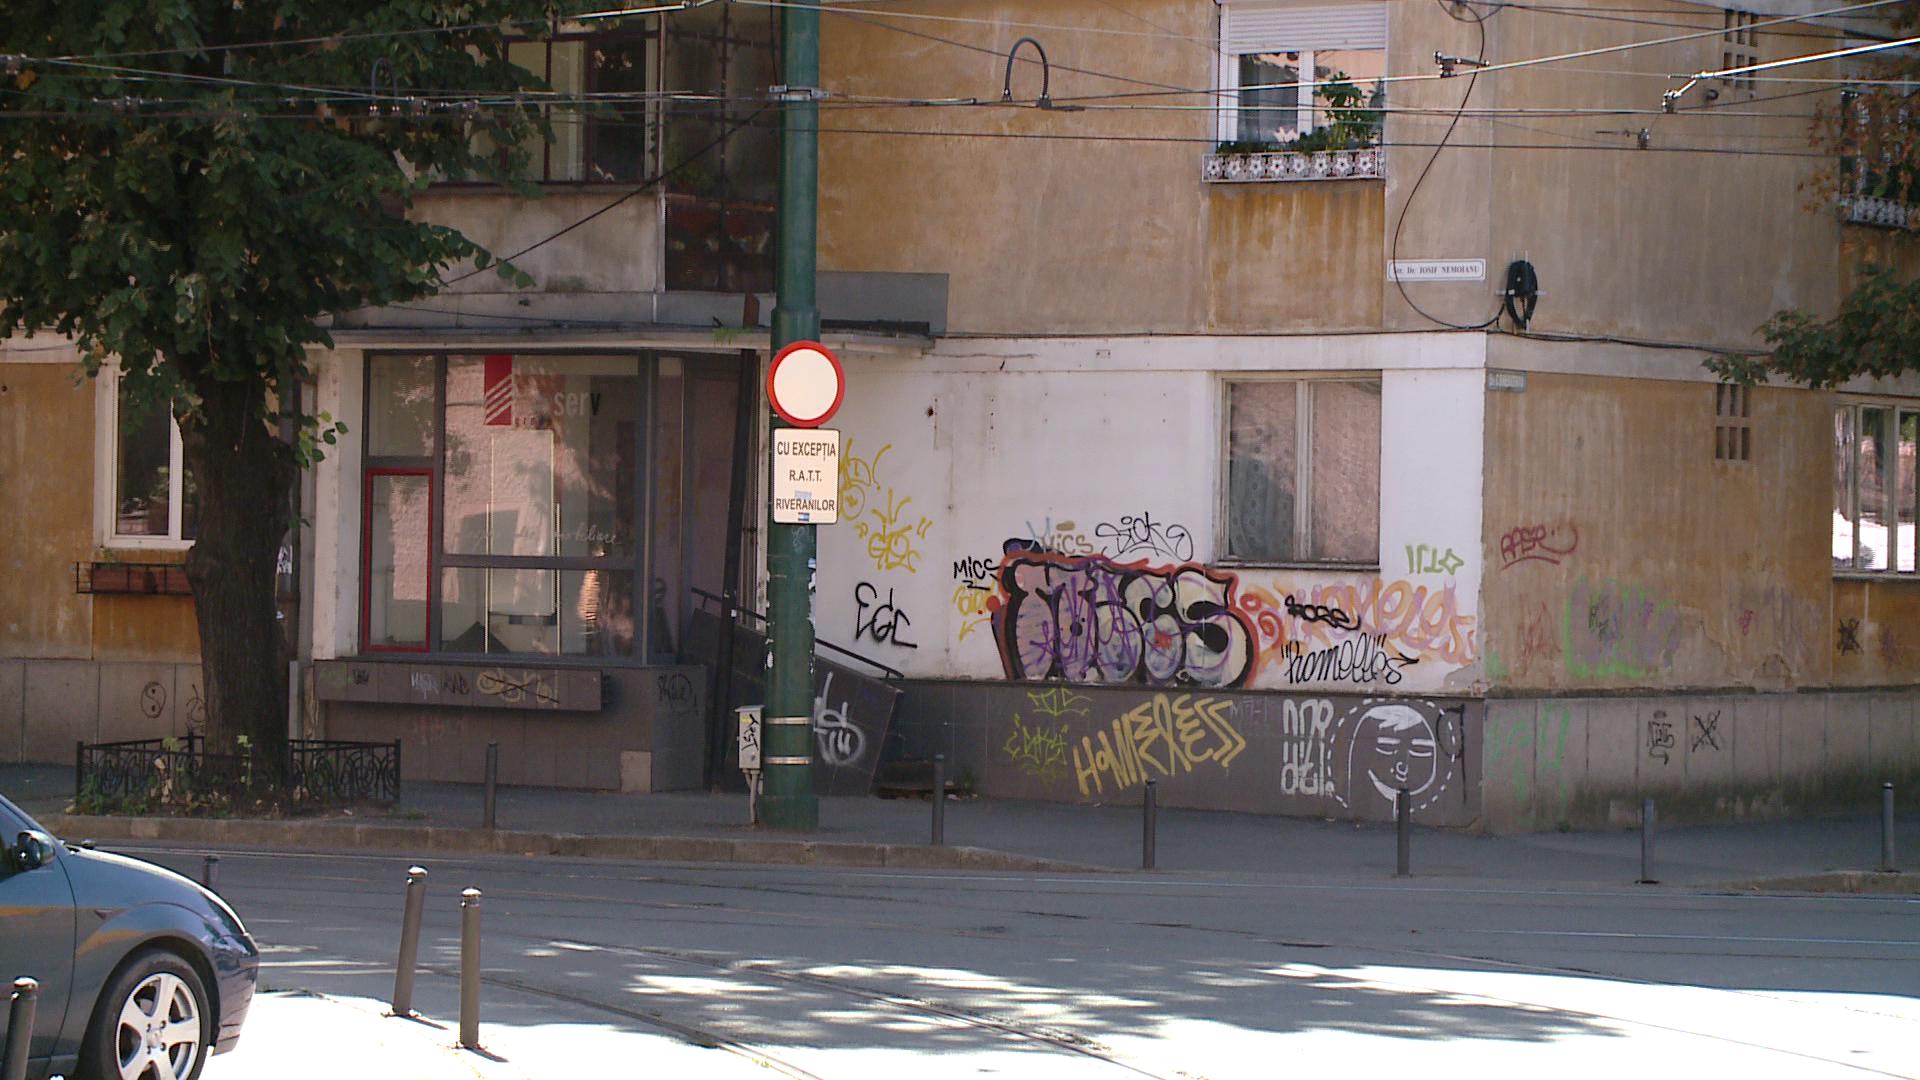 Politia Locala i-a speriat pe proprietarii de cladiri desenate cu graffiti. Ce s-a intamplat